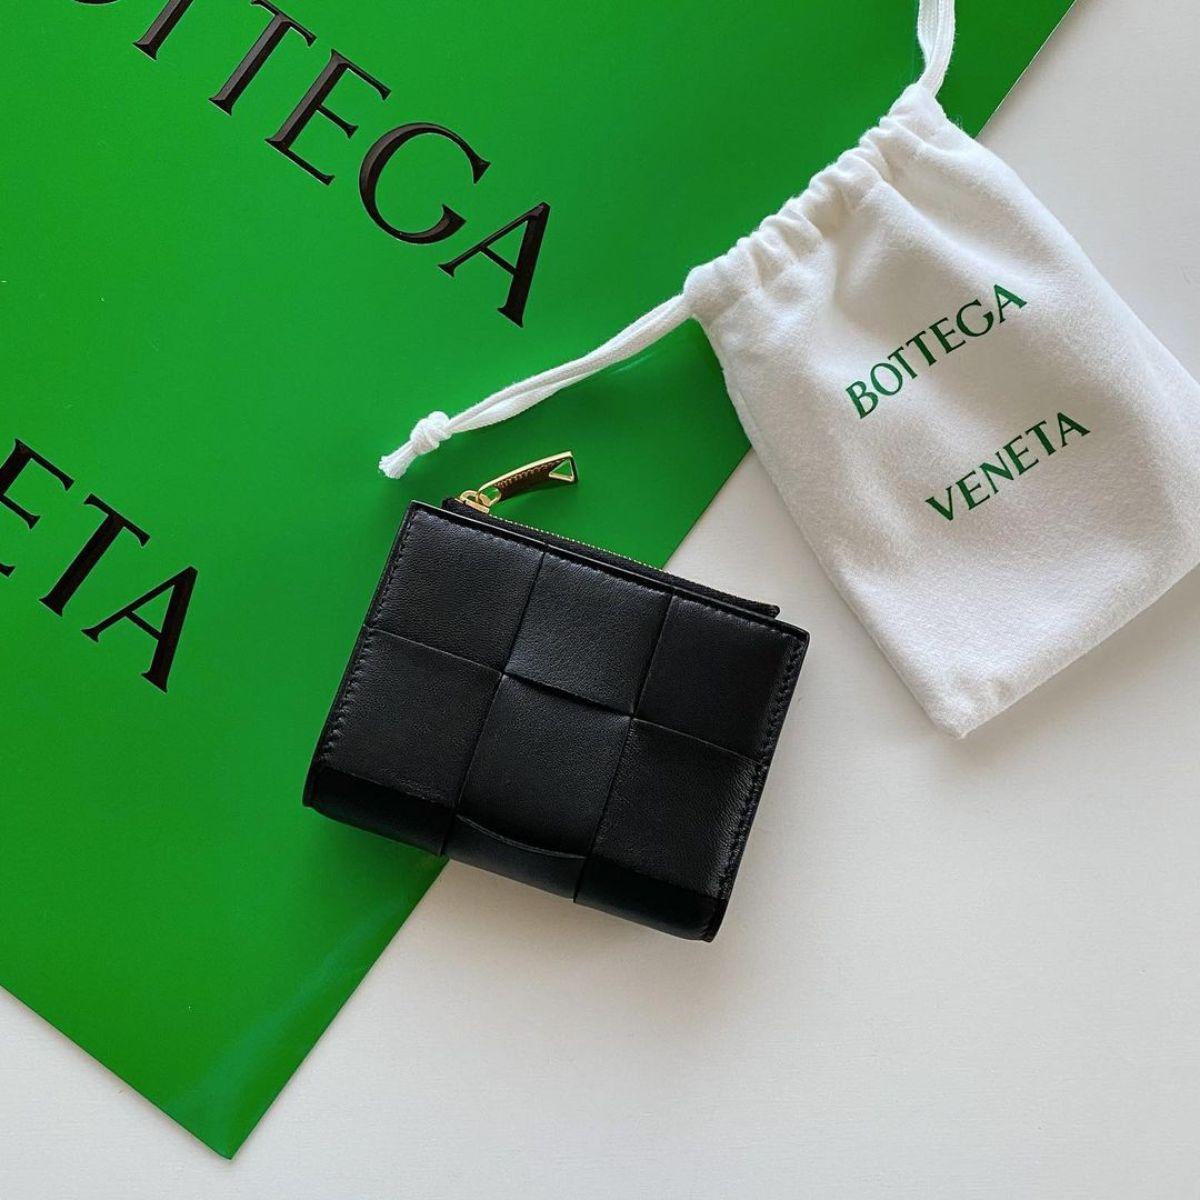 次に来る「ミニ財布」はこのブランドかも。革を編み込む唯一無二のデザインに一目惚れしました。